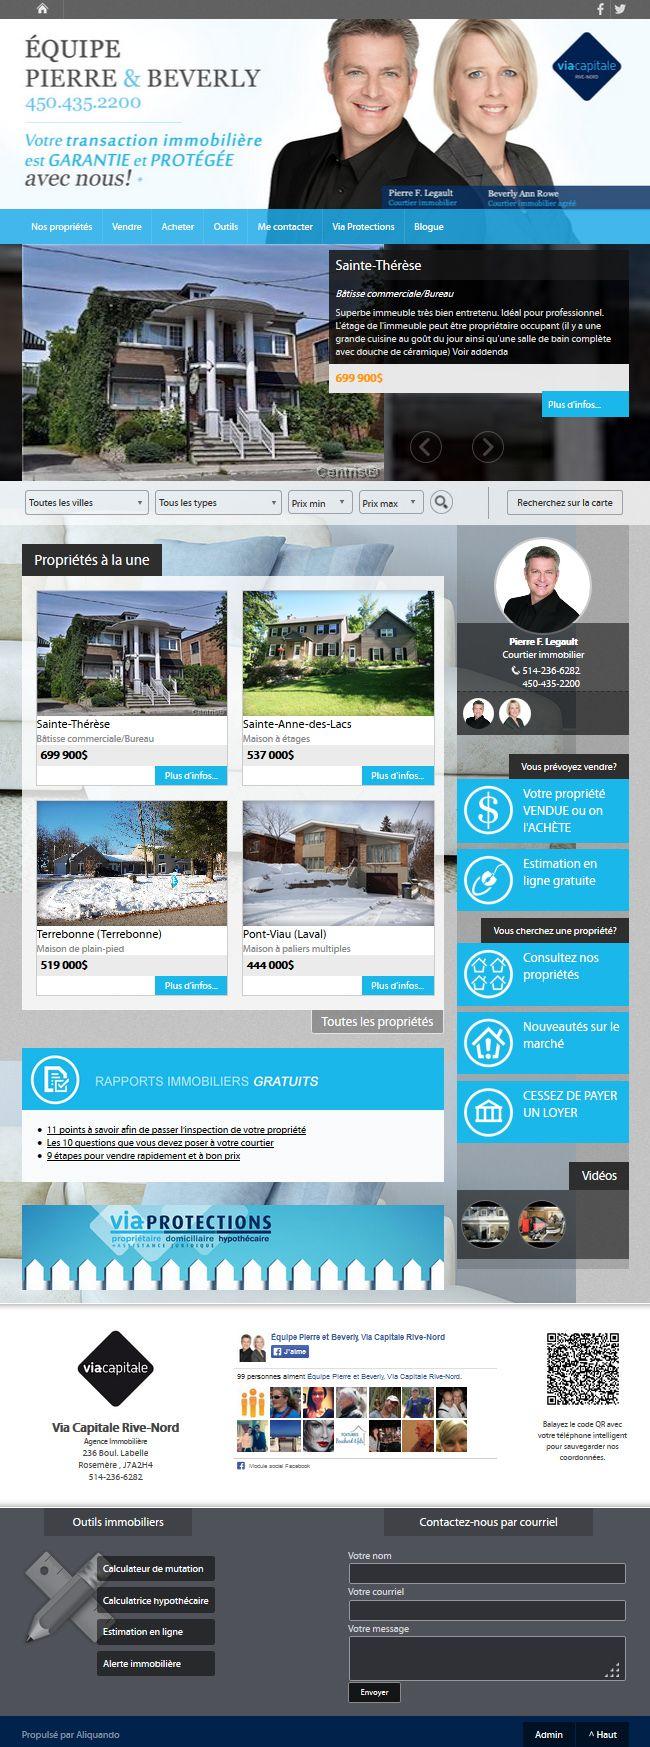 Équipe Pierre Et Beverly Courtier Immobilier Viacapitale Aliquando Immobilier Vendre Acheter Maison Habitation Desktop Screenshot